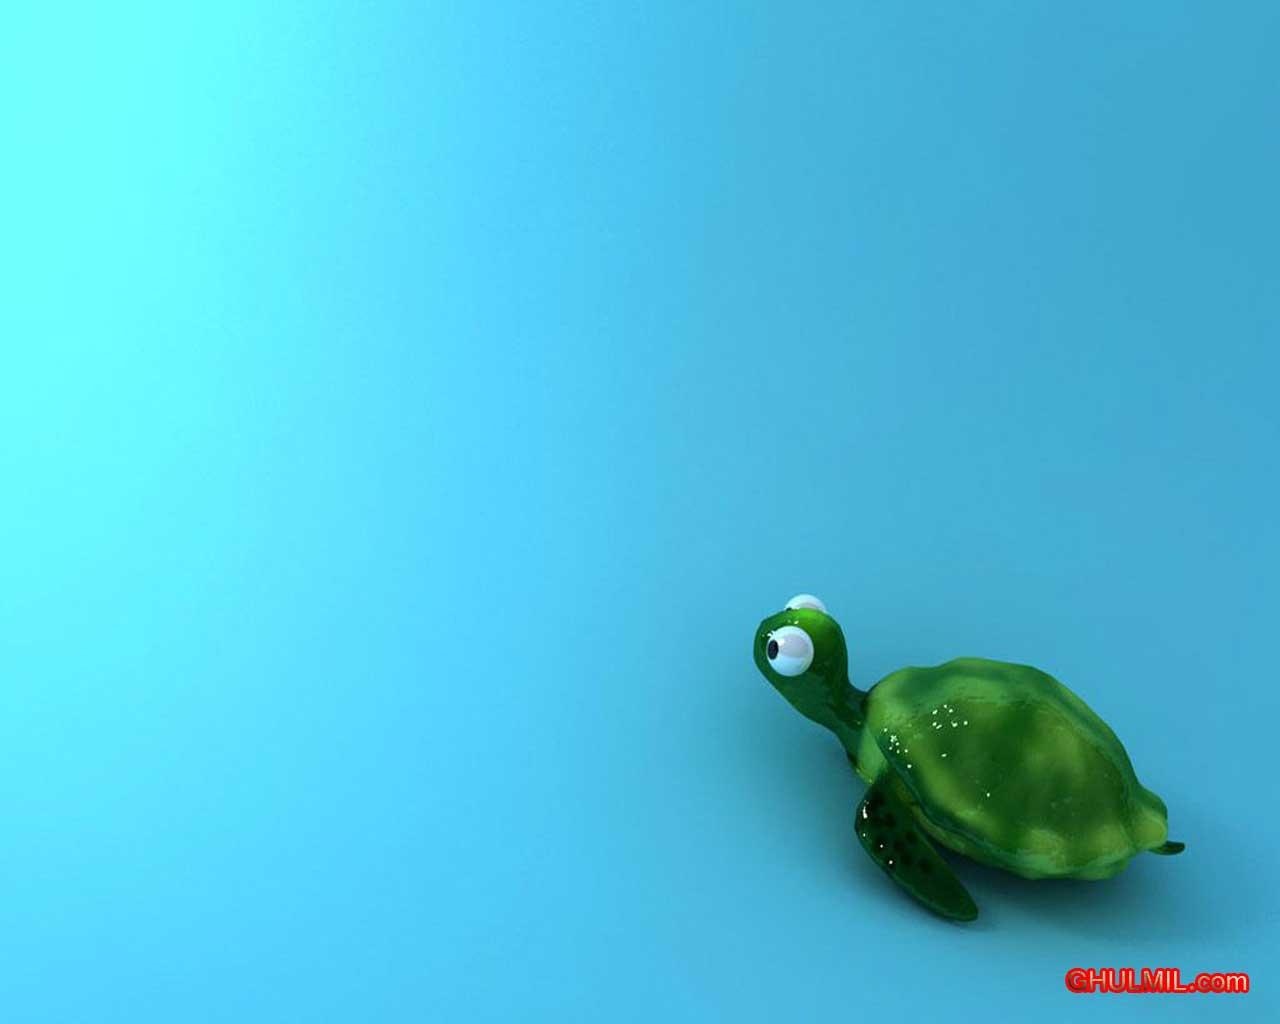 Cute Turtle Wallpaper Desktop Backgroung E Entertainment 1280x1024